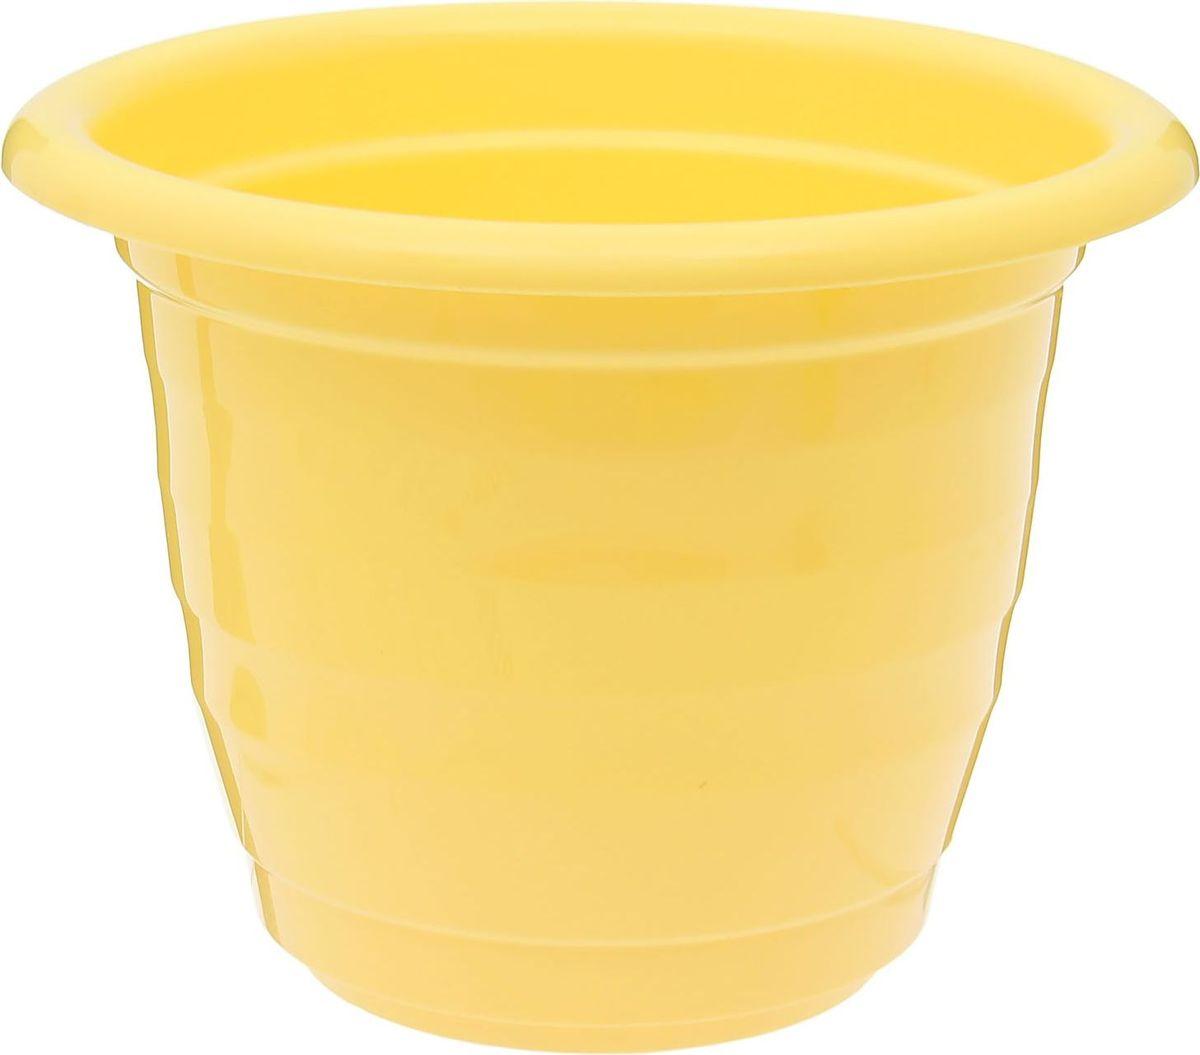 Горшок для цветов Доляна, цвет: желтый, 2 л1345276Горшок для цветов Доляна выполнен из пластика. Пластик дольше хранит влагу, а значит, растение реже нуждается в поливе, и не пропускает воздух, поэтому корневой системе растения не грозят резкие перепады температур.Пластиковые горшки имеют малый вес, поэтому их с легкостью можно переносить с места на место, ставить на столики или полки, не беспокоясь о нагрузке. Такие кашпо не царапают и не загрязняют поверхности, на которых стоят. Изделие не нуждается в специальных условиях хранения. Его легко чистить - достаточно просто сполоснуть теплой водой. Любой, даже самый современный и продуманный интерьер будет незавершенным без растений. Они не только очищают воздух и насыщают его кислородом, но и украшают окружающее пространство. Диаметр горшка: 19 см. Высота горшка: 15 см.